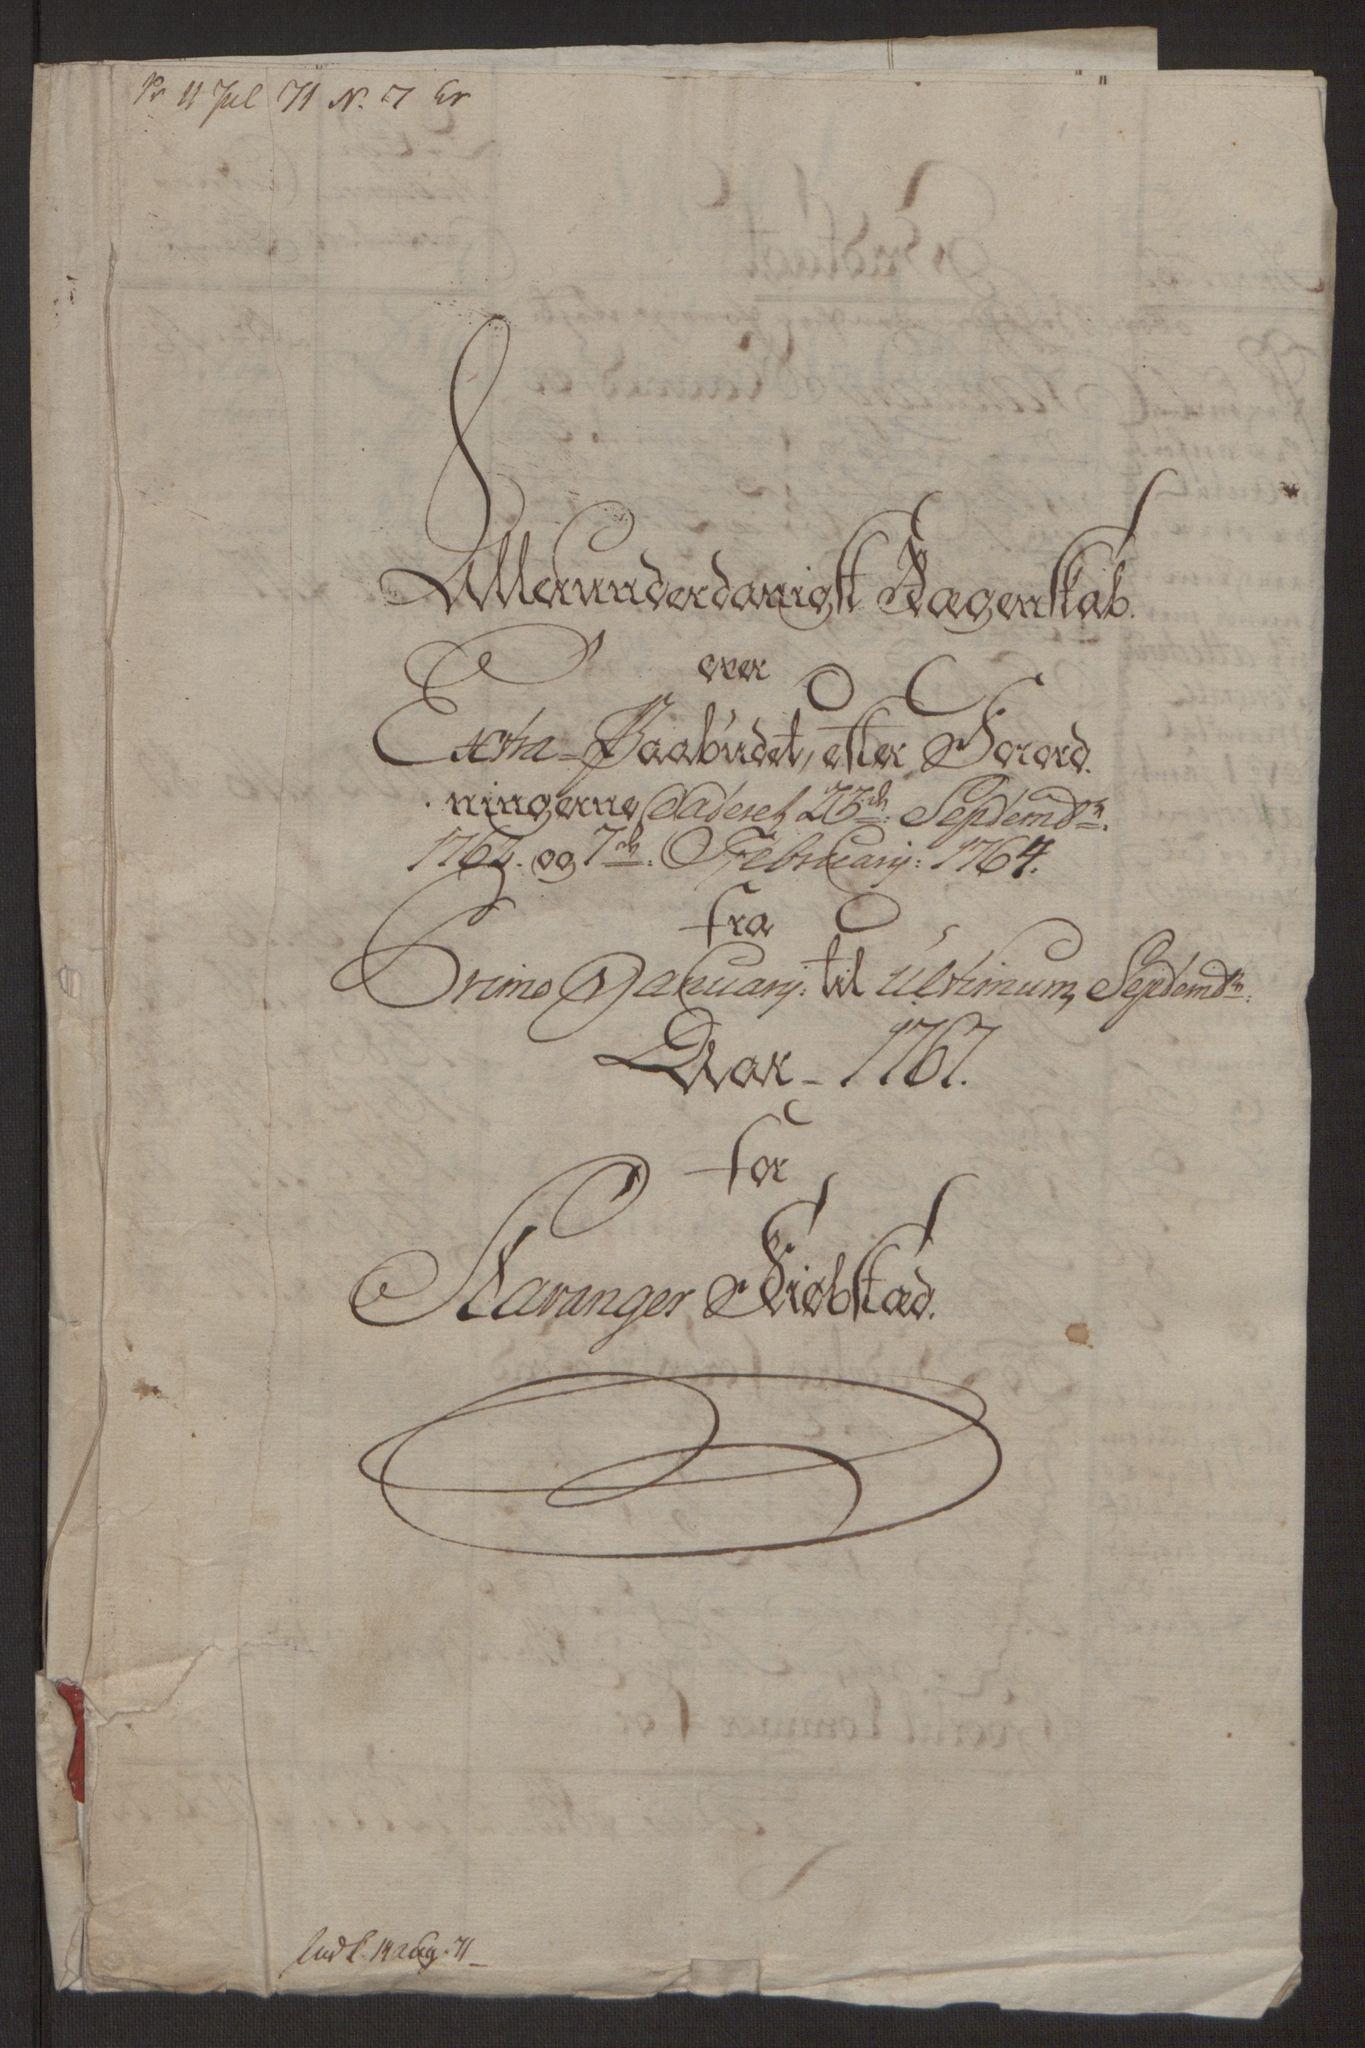 RA, Rentekammeret inntil 1814, Reviderte regnskaper, Byregnskaper, R/Ro/L0305: [O6] Kontribusjonsregnskap, 1762-1768, s. 208